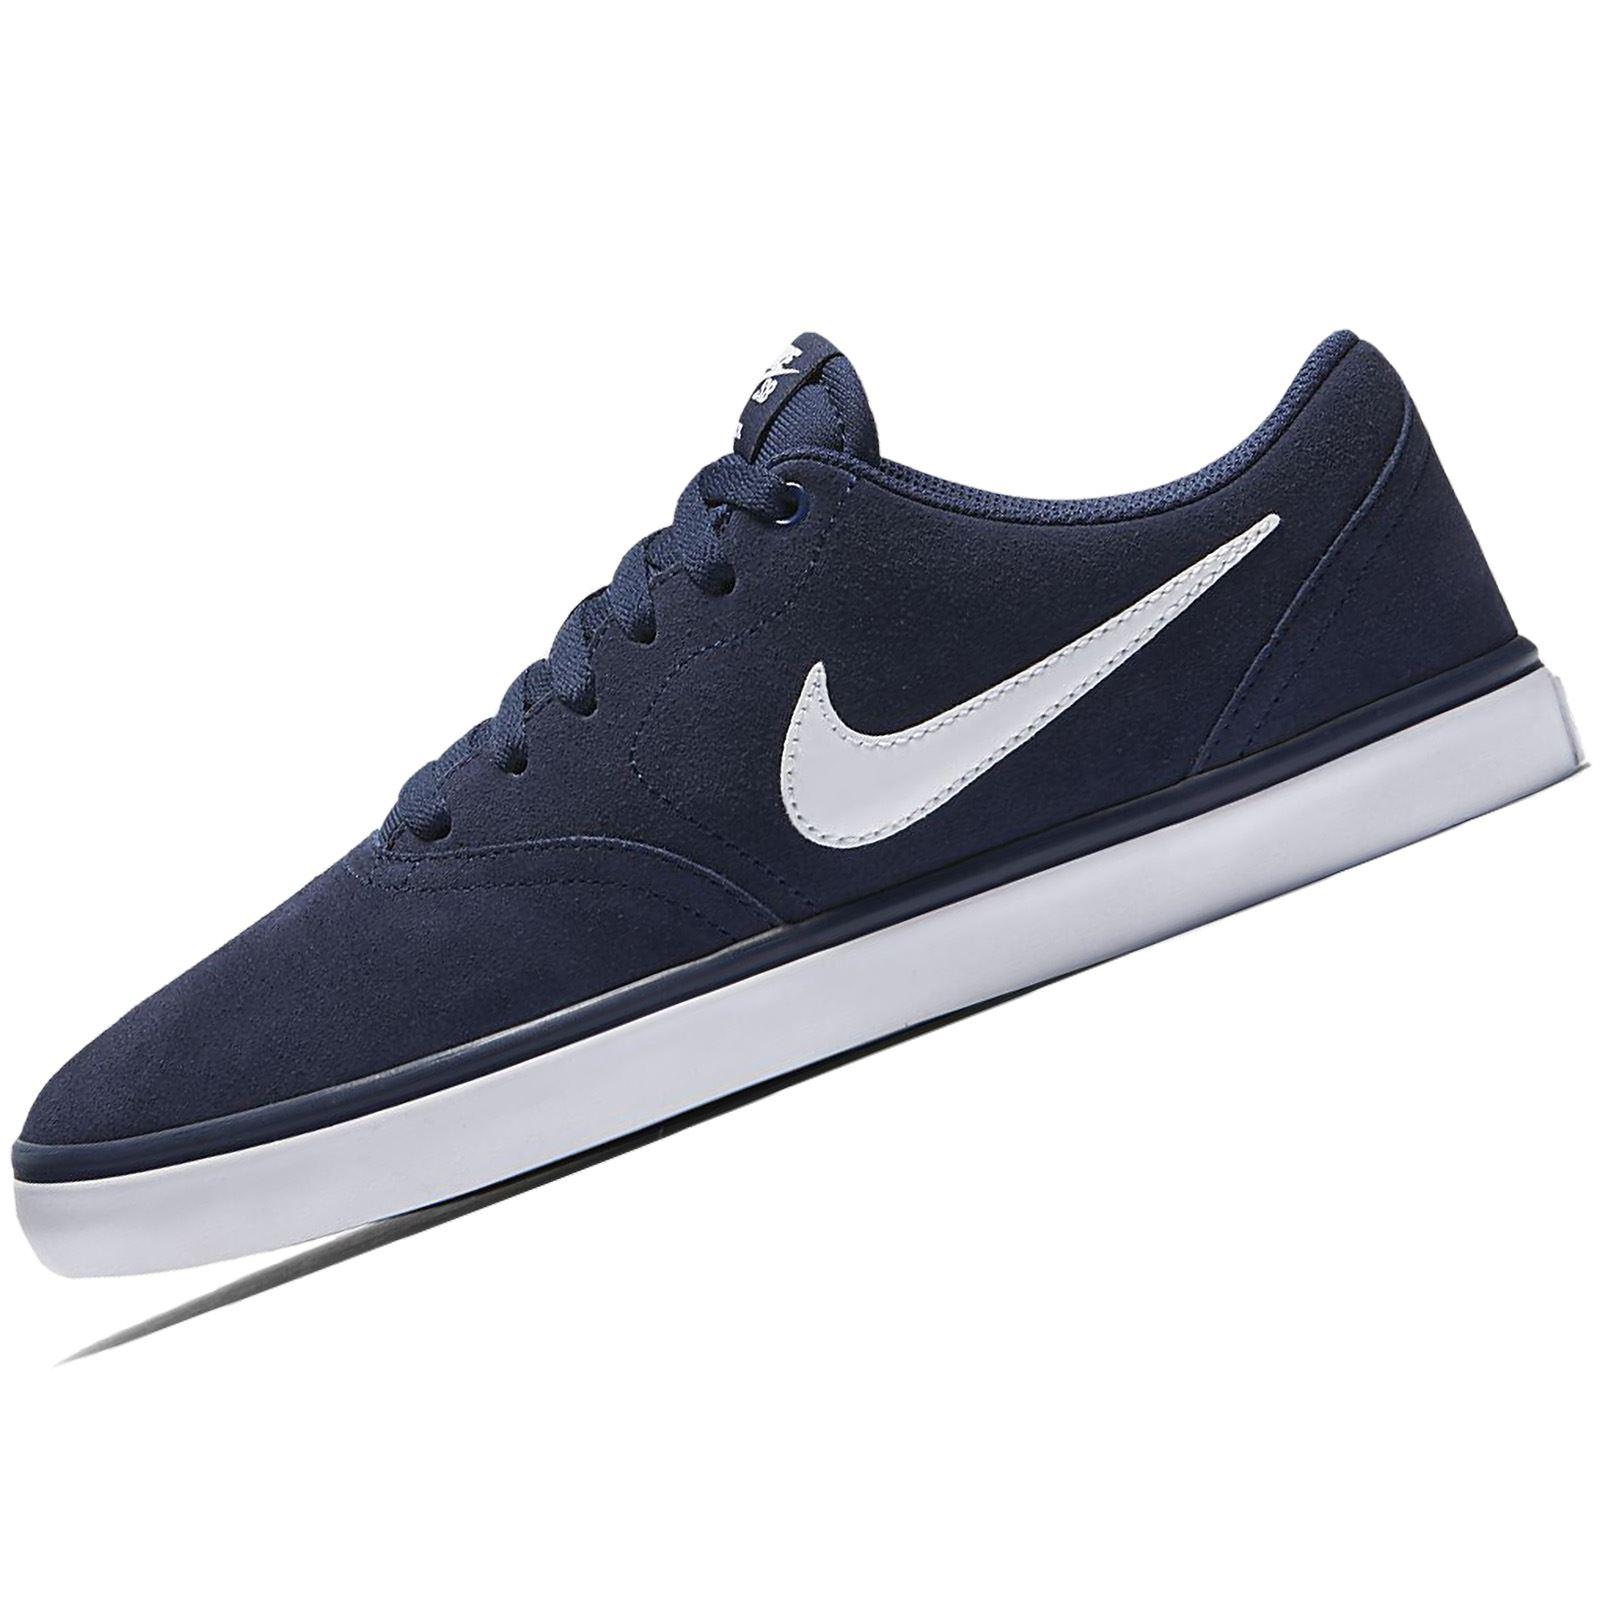 1c344fce5b Boutique Boys - Zapatilla Nike SB Solarsoft Check Cnvs Azul